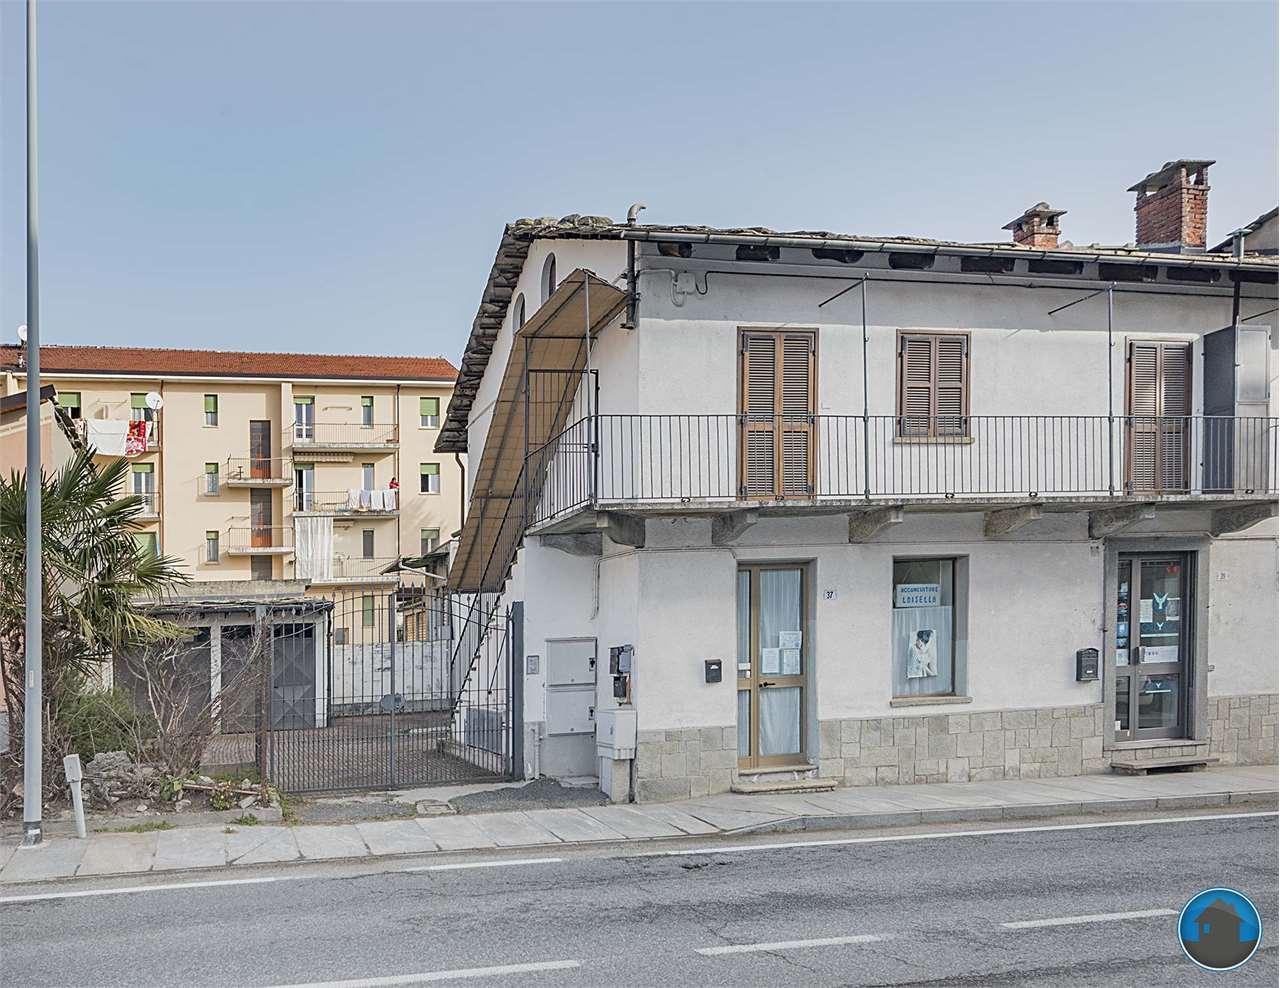 Negozio / Locale in affitto a Luserna San Giovanni, 2 locali, zona li, prezzo € 250 | PortaleAgenzieImmobiliari.it